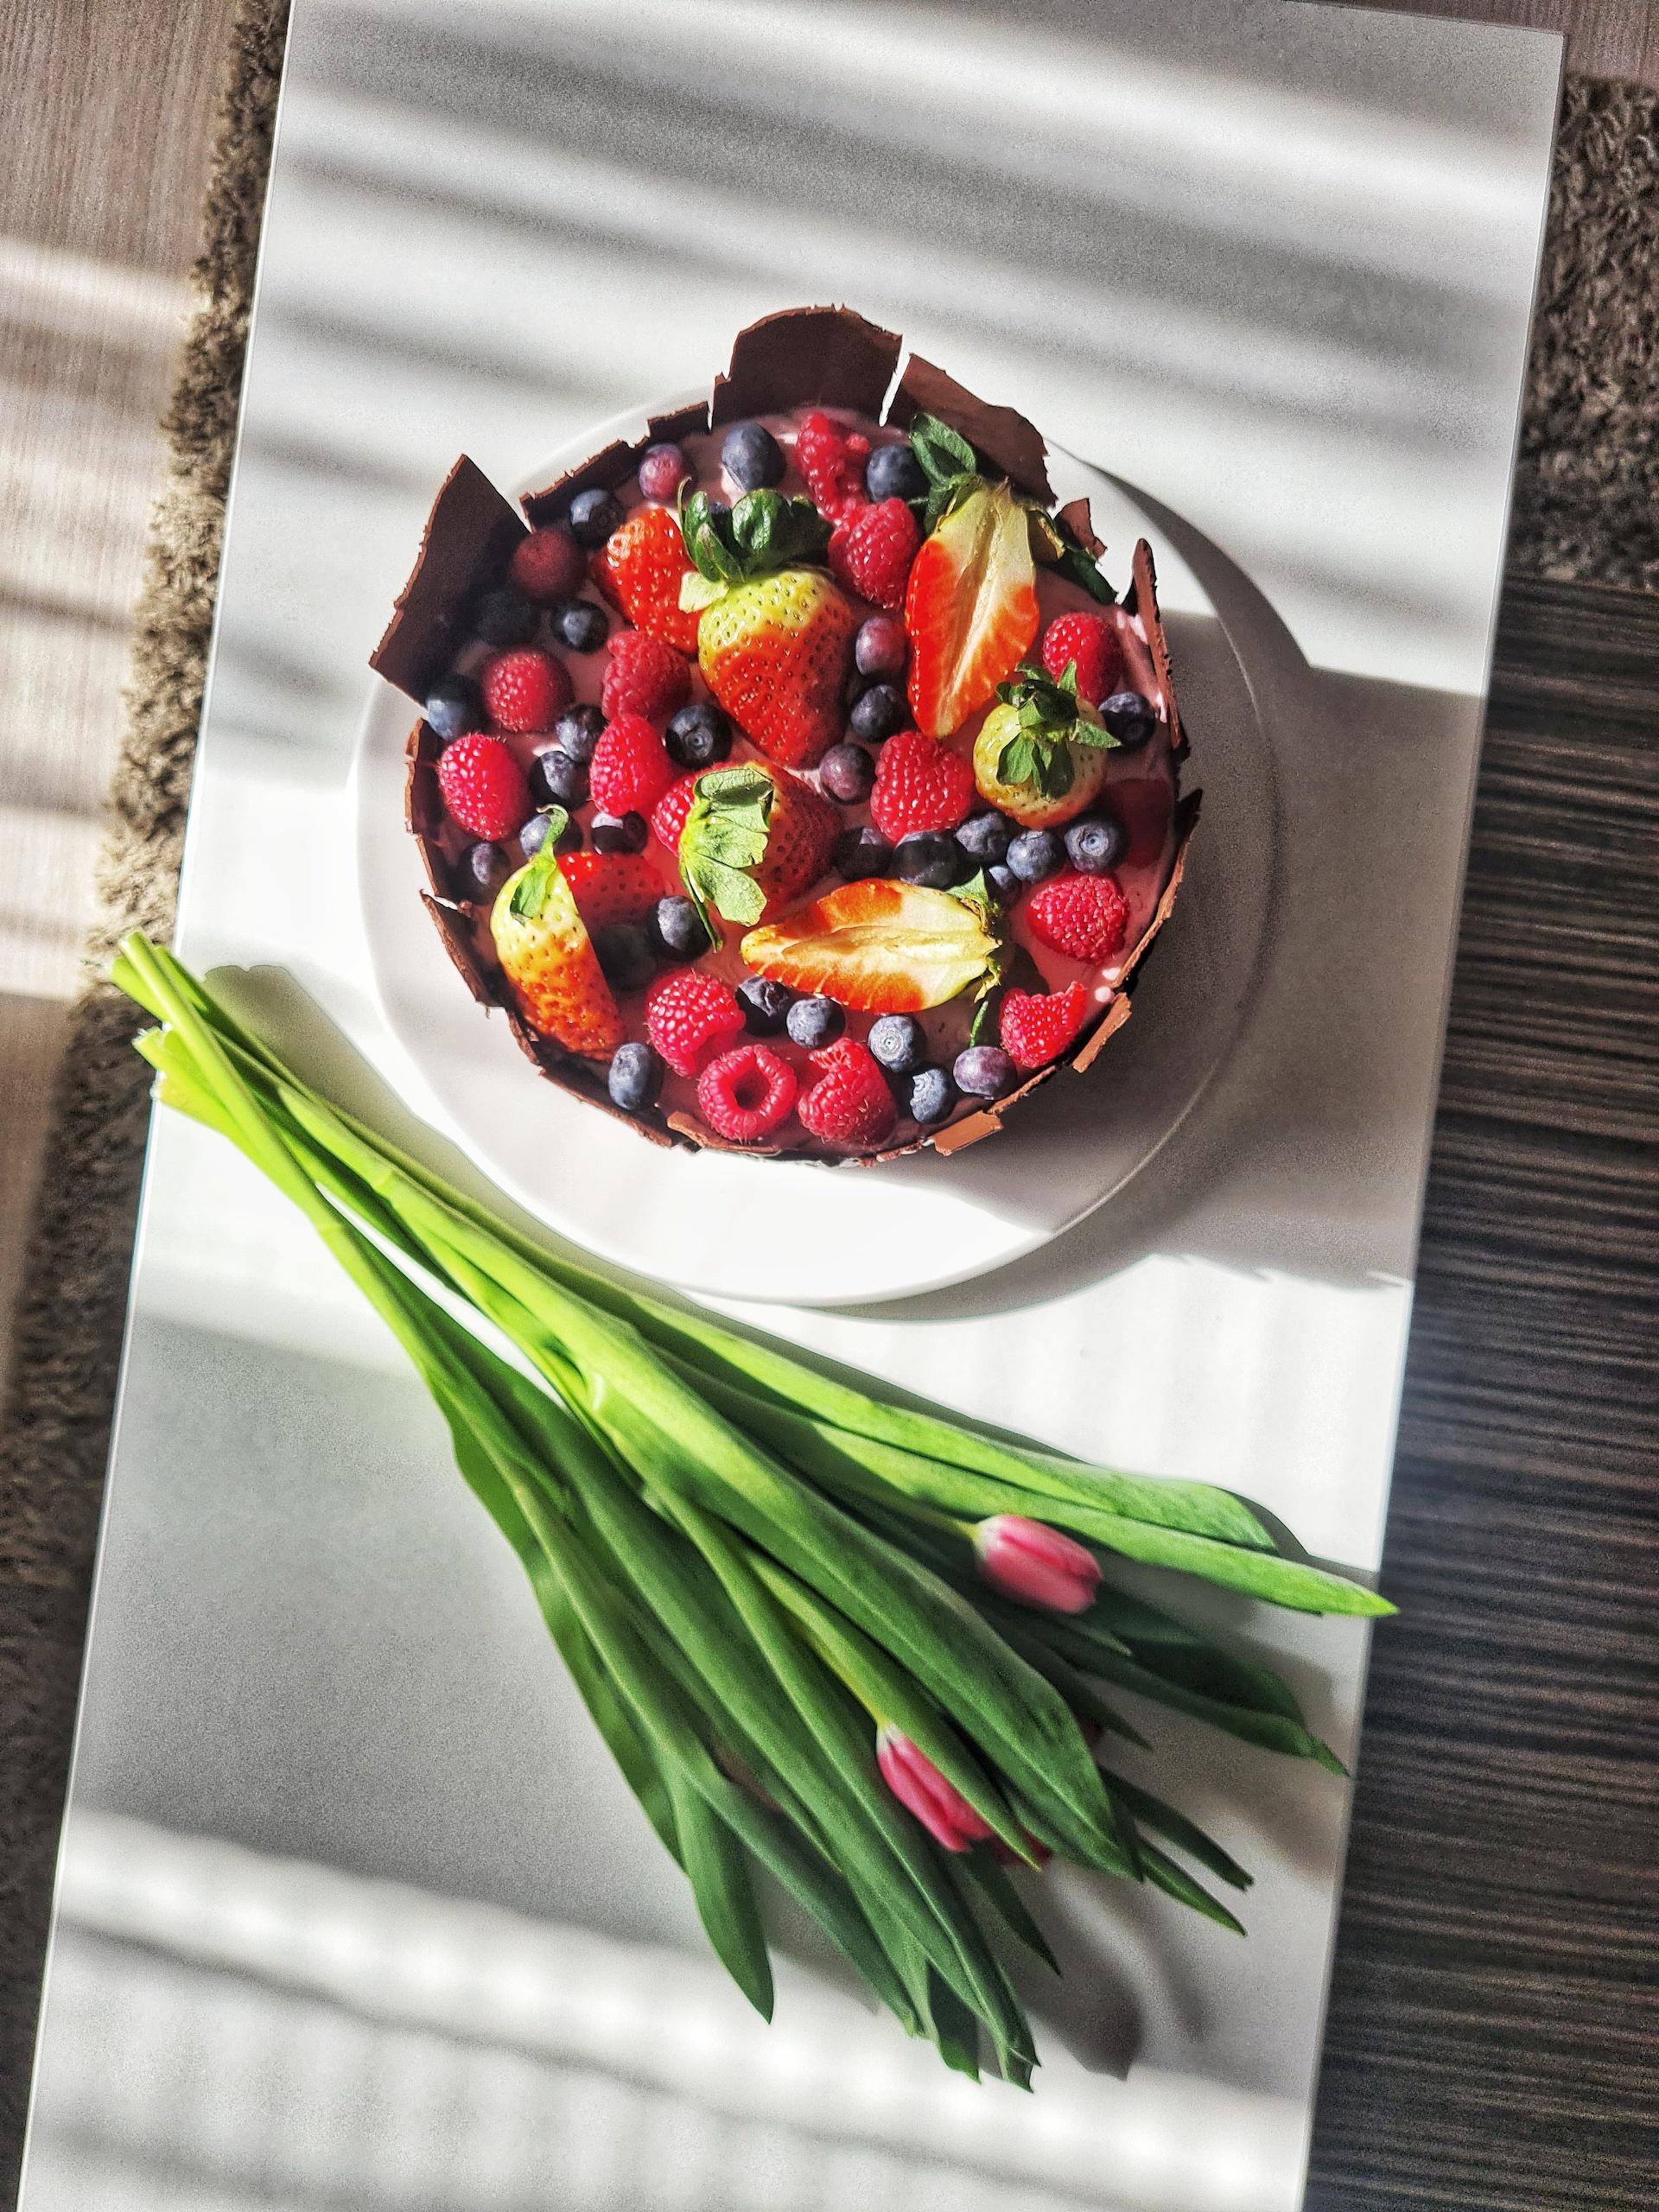 Torta s mascarpone, Malinová torta smascarpone plnkou, čokoládou a čerstvým ovocím